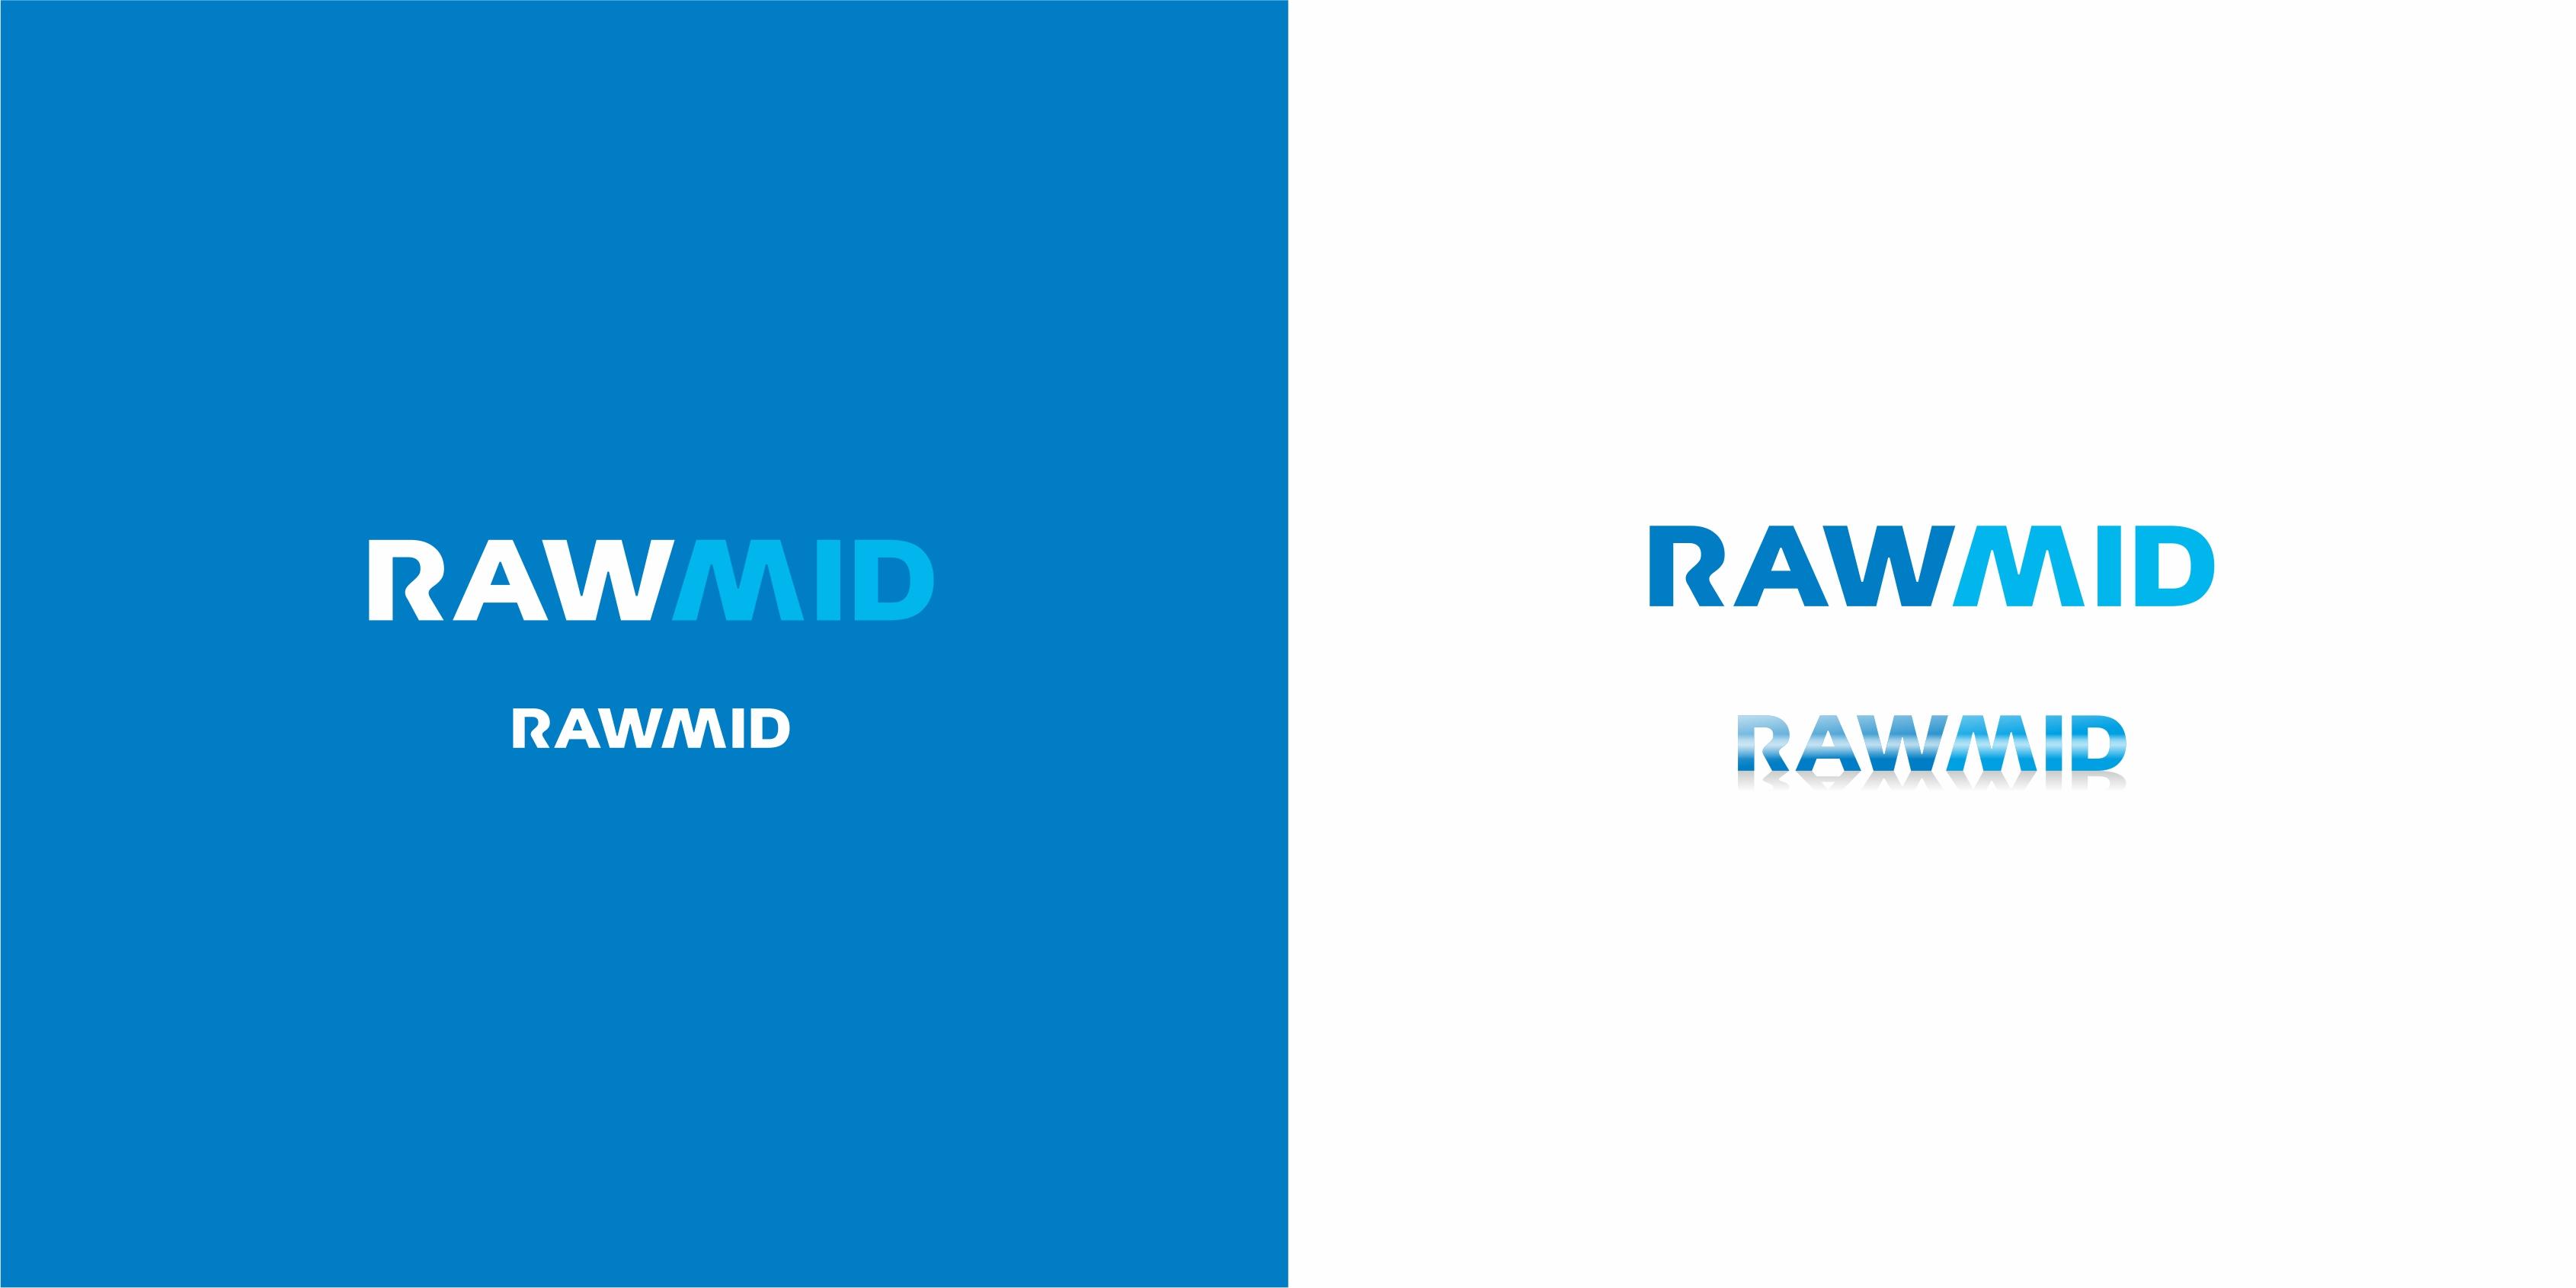 Создать логотип (буквенная часть) для бренда бытовой техники фото f_2145b35ecb6bae70.jpg